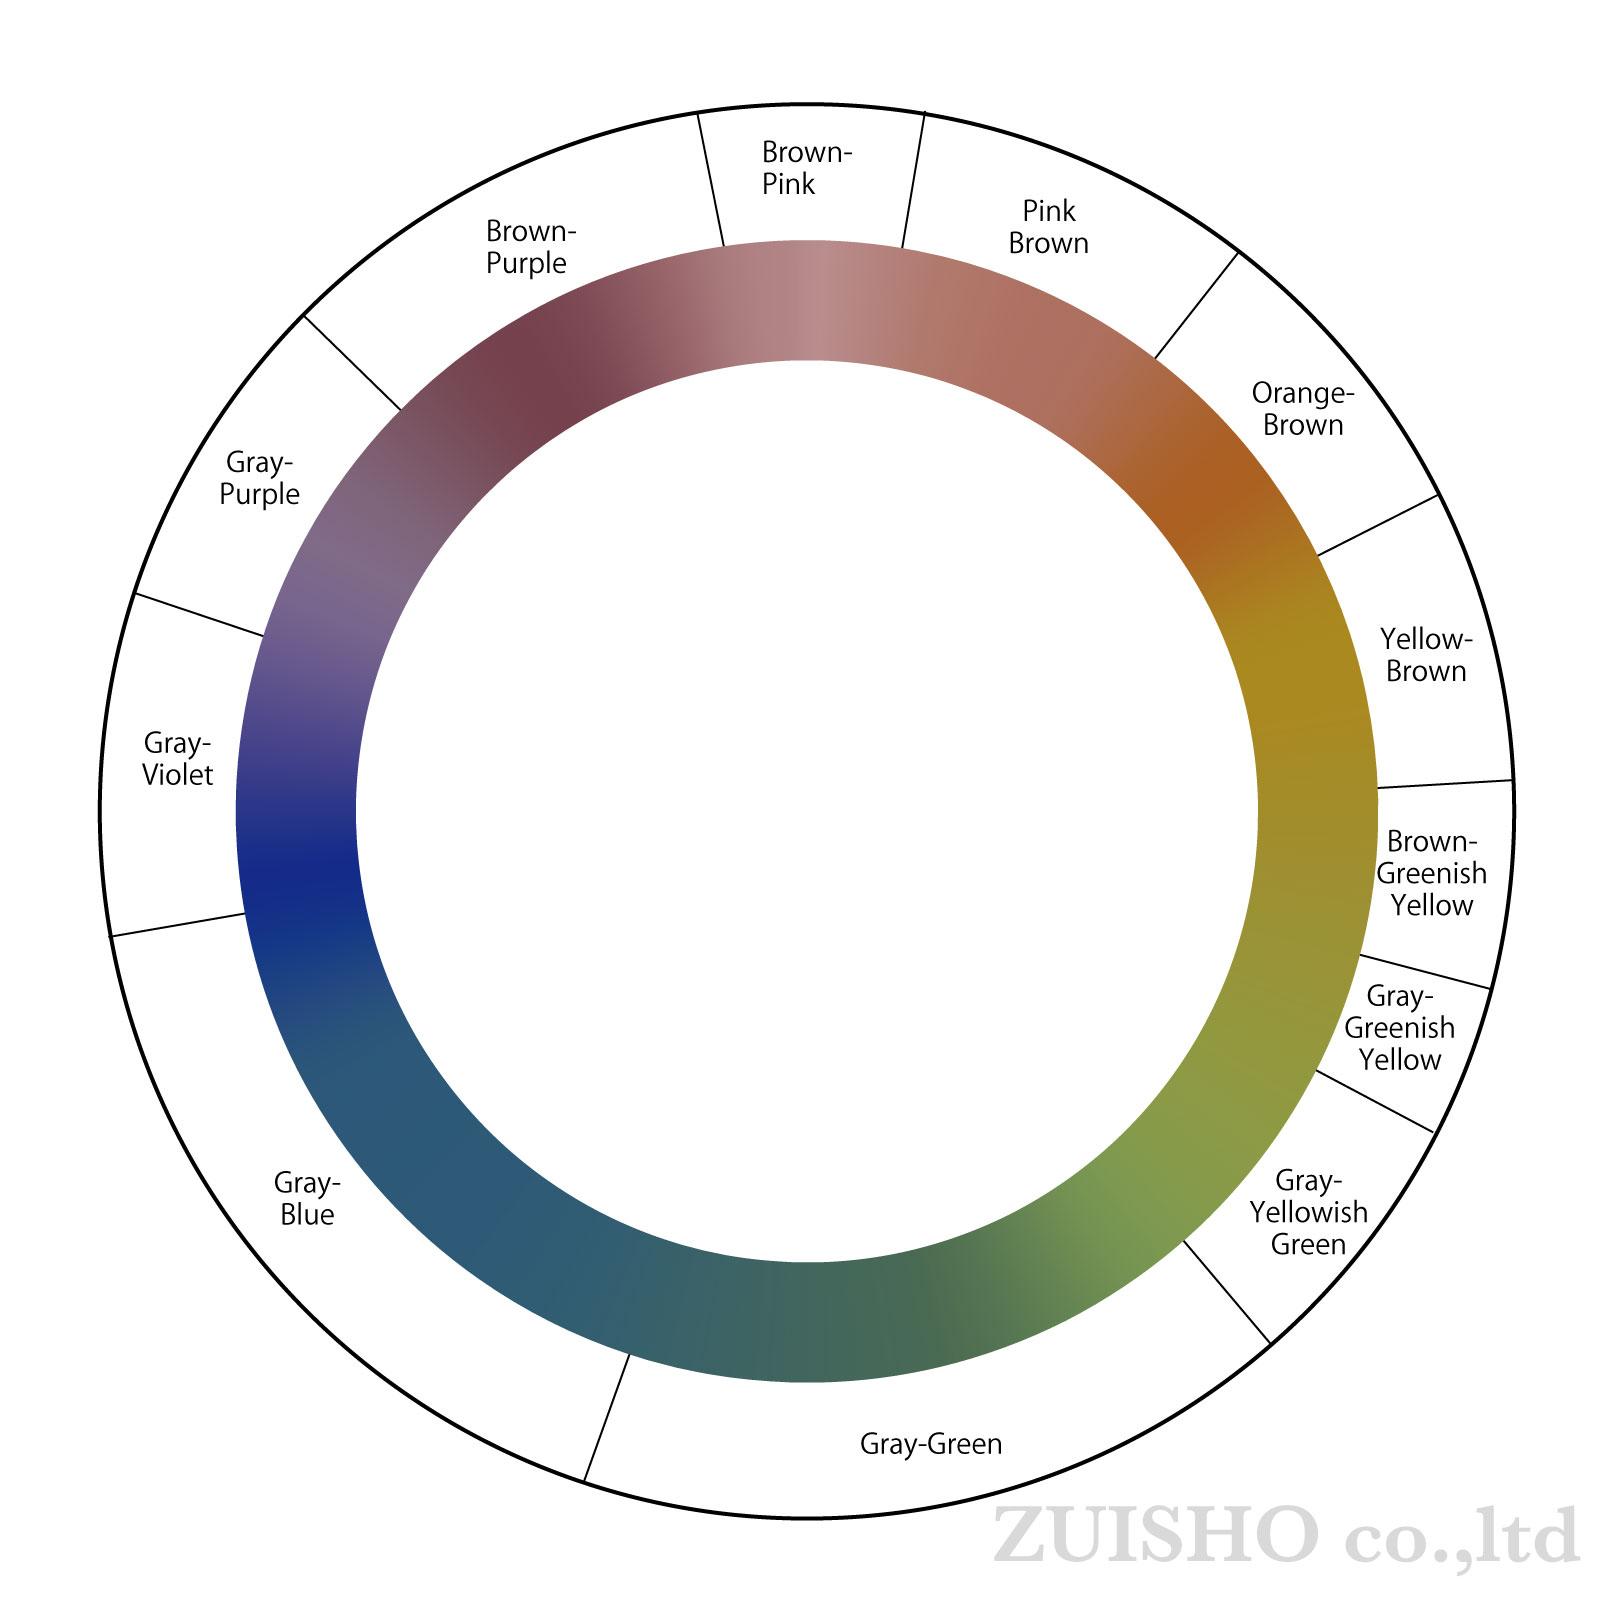 GIAのカラーダイヤモンドグレーディングで使用する暗い色調のカラーチャート